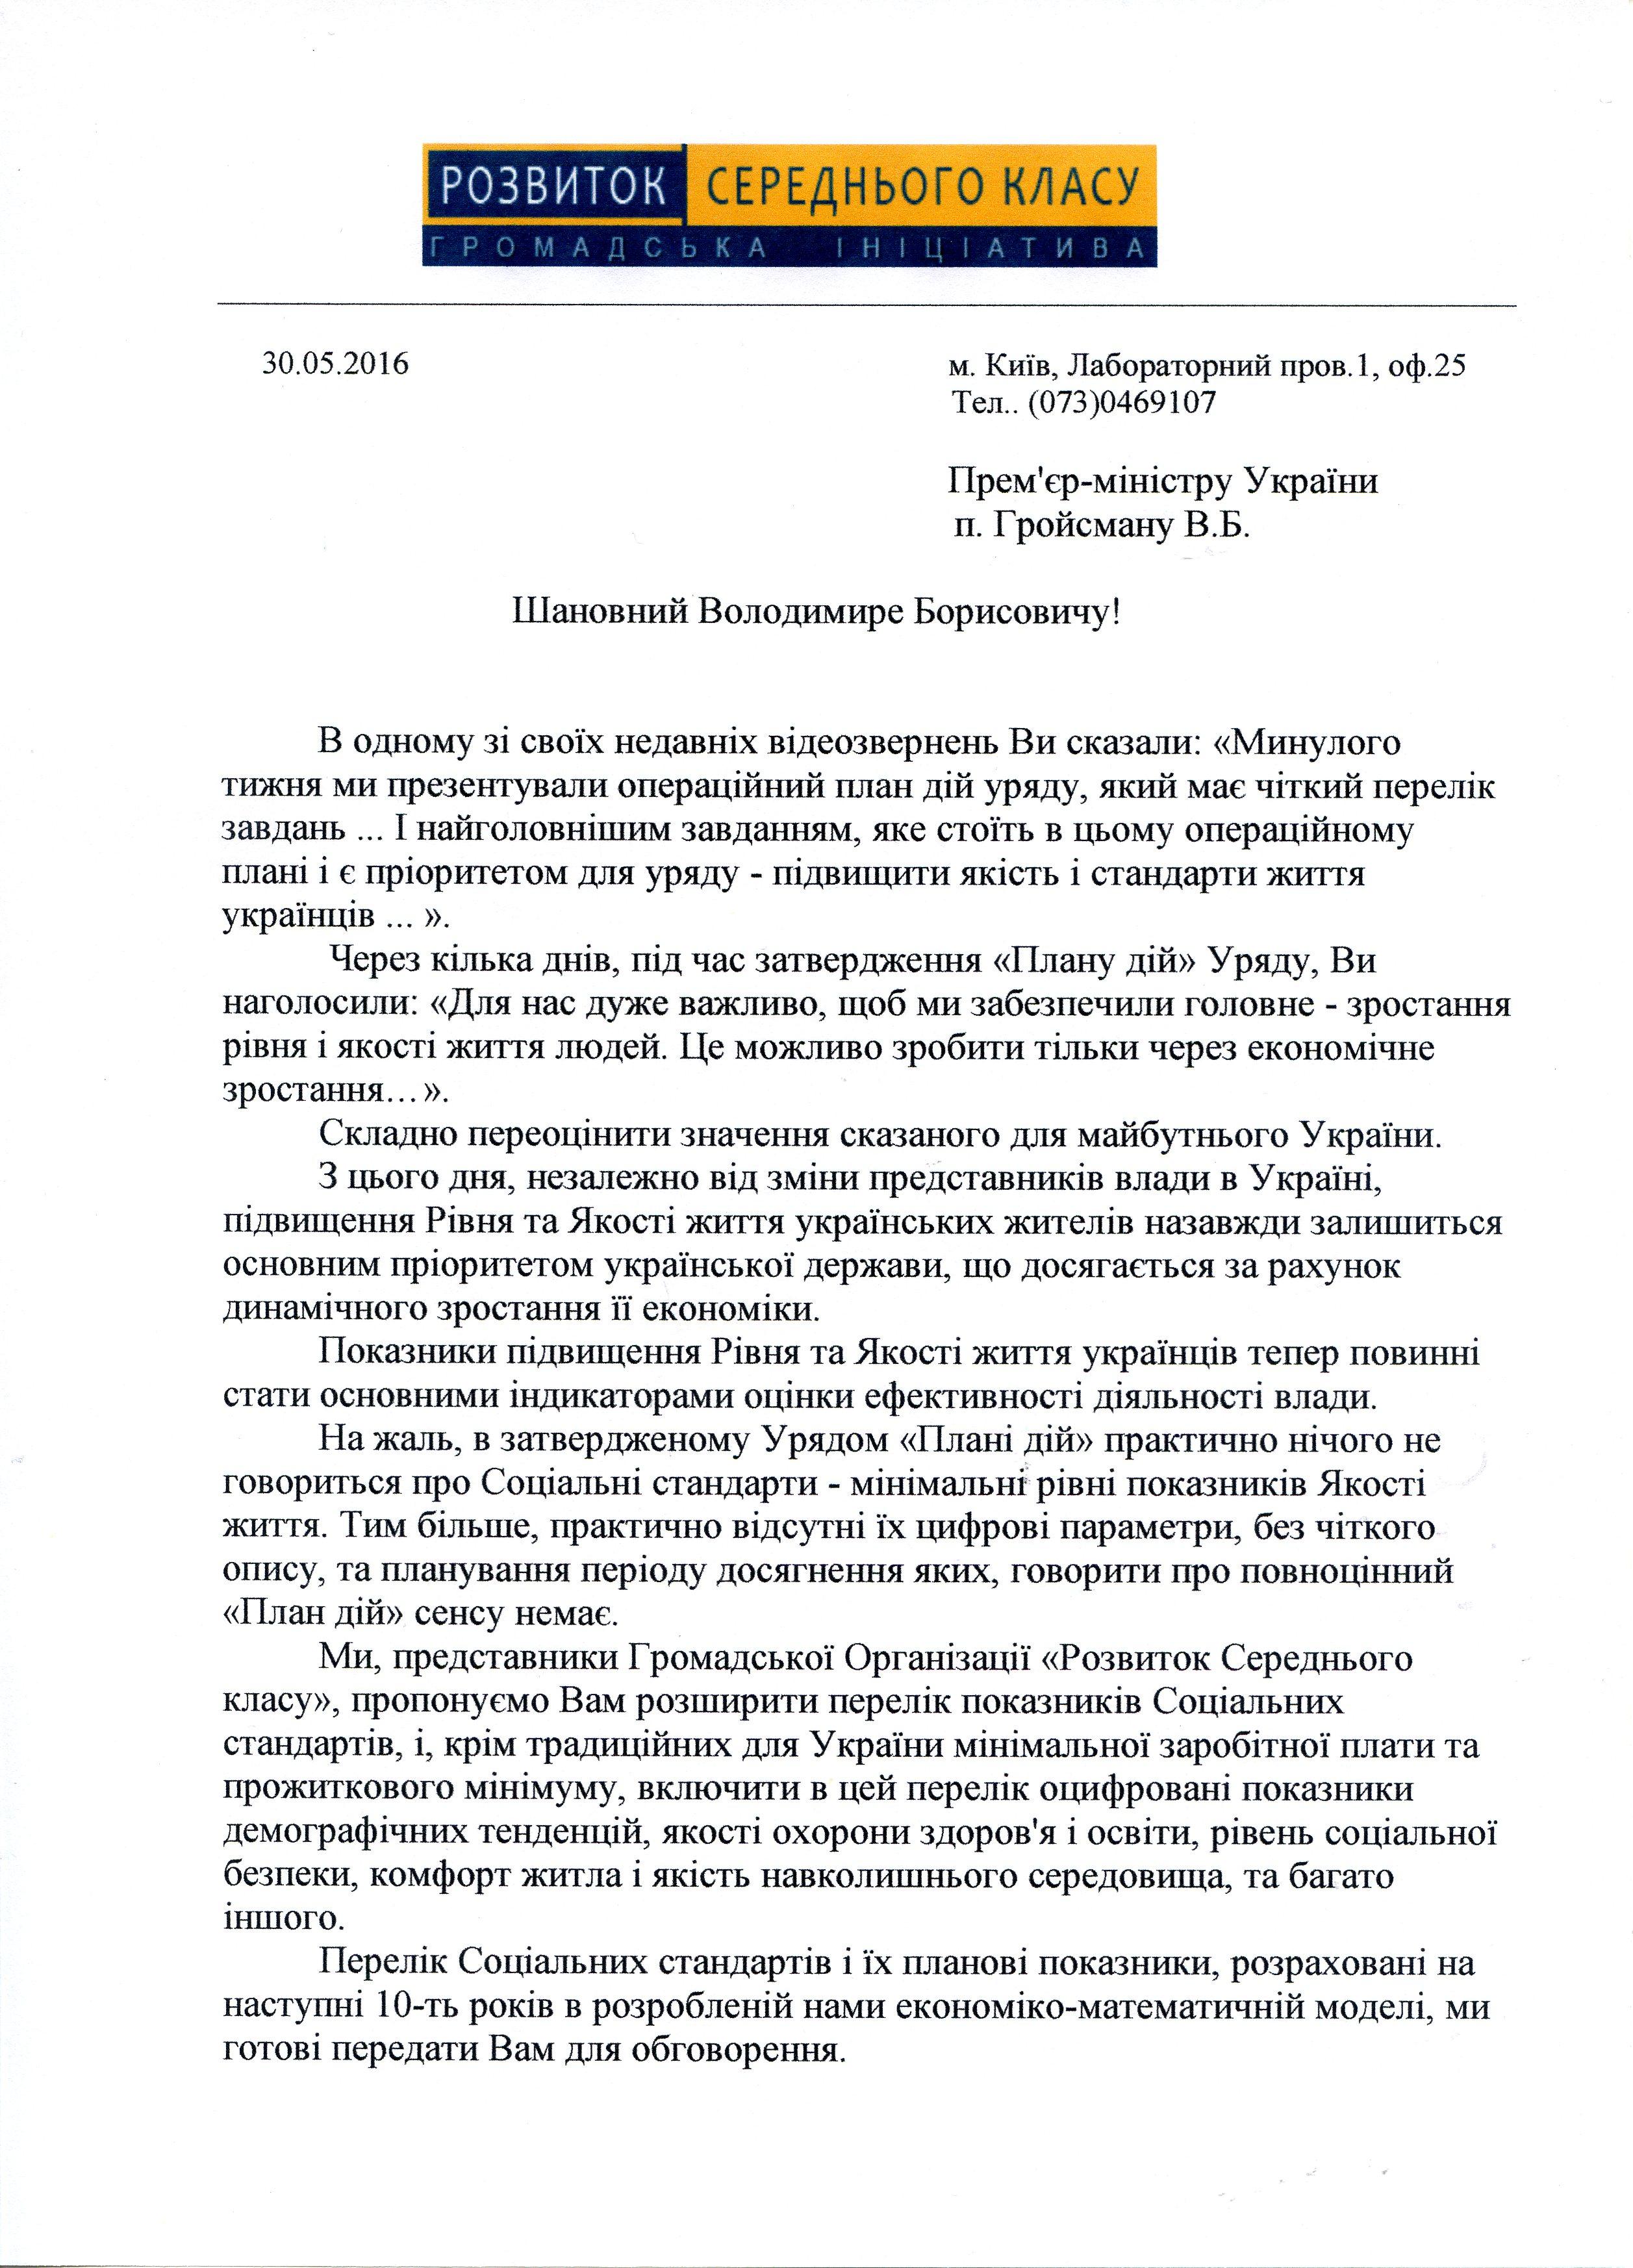 Відкритий лист Прем'єр-міністру України